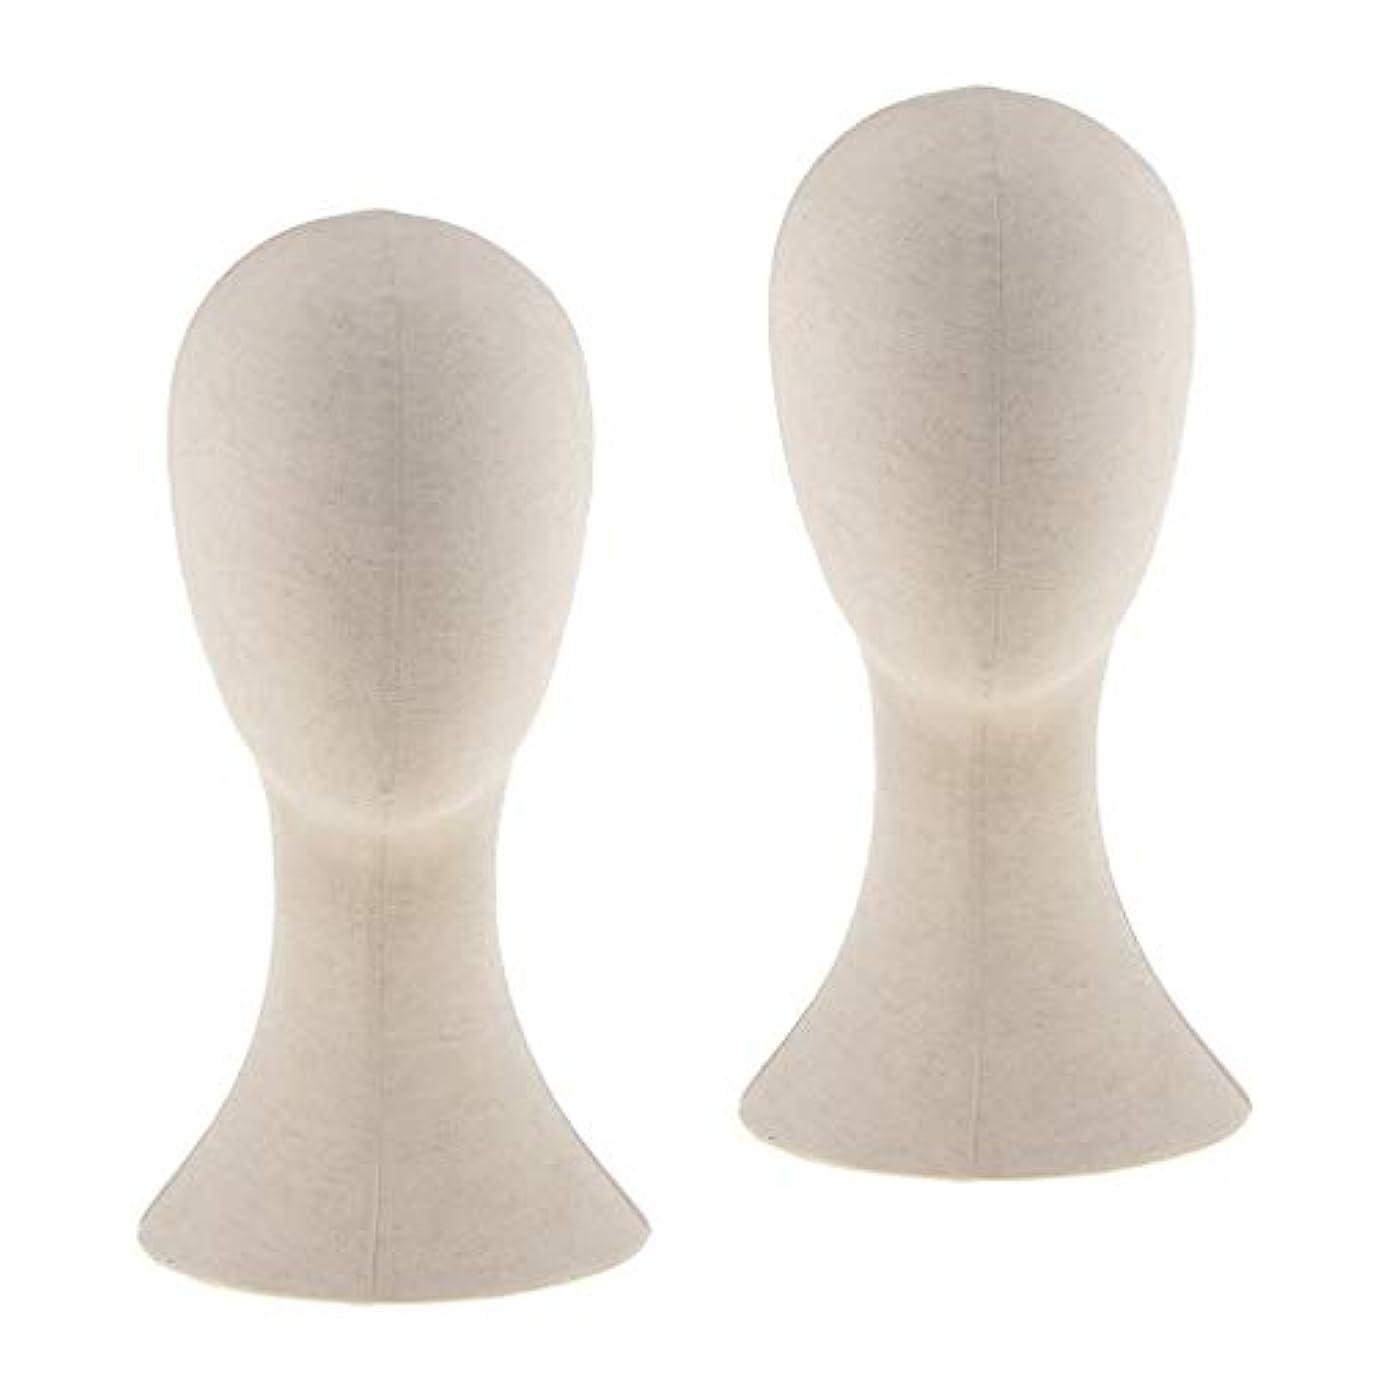 他の場所明確なエゴイズムDYNWAVE マネキンヘッド ウィッグスタンド練習 頭部 女性ウィッグマネキン ディスプレイ 帽子スタンド 2個入り